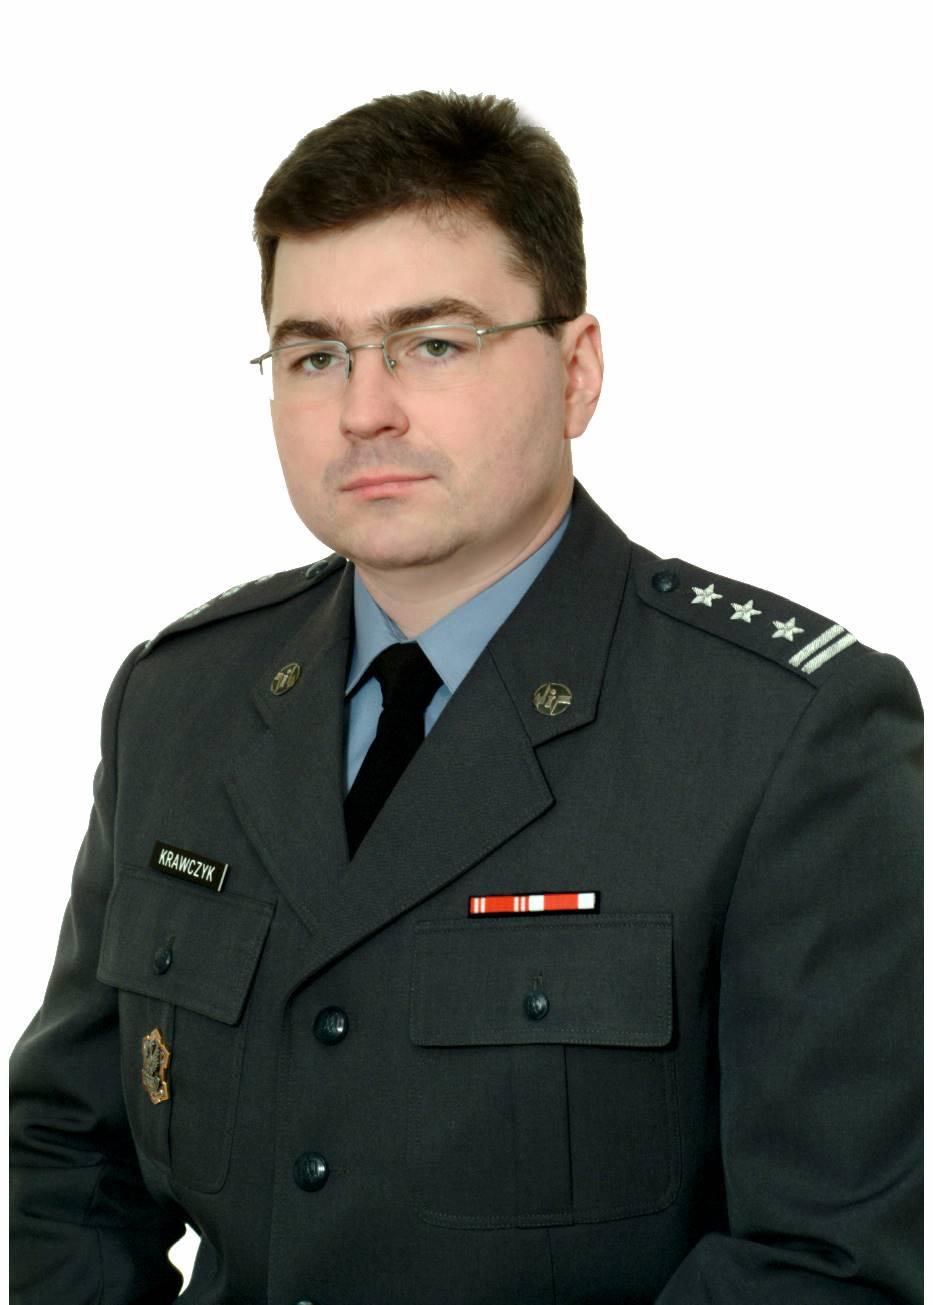 Mariusz Krawczyk